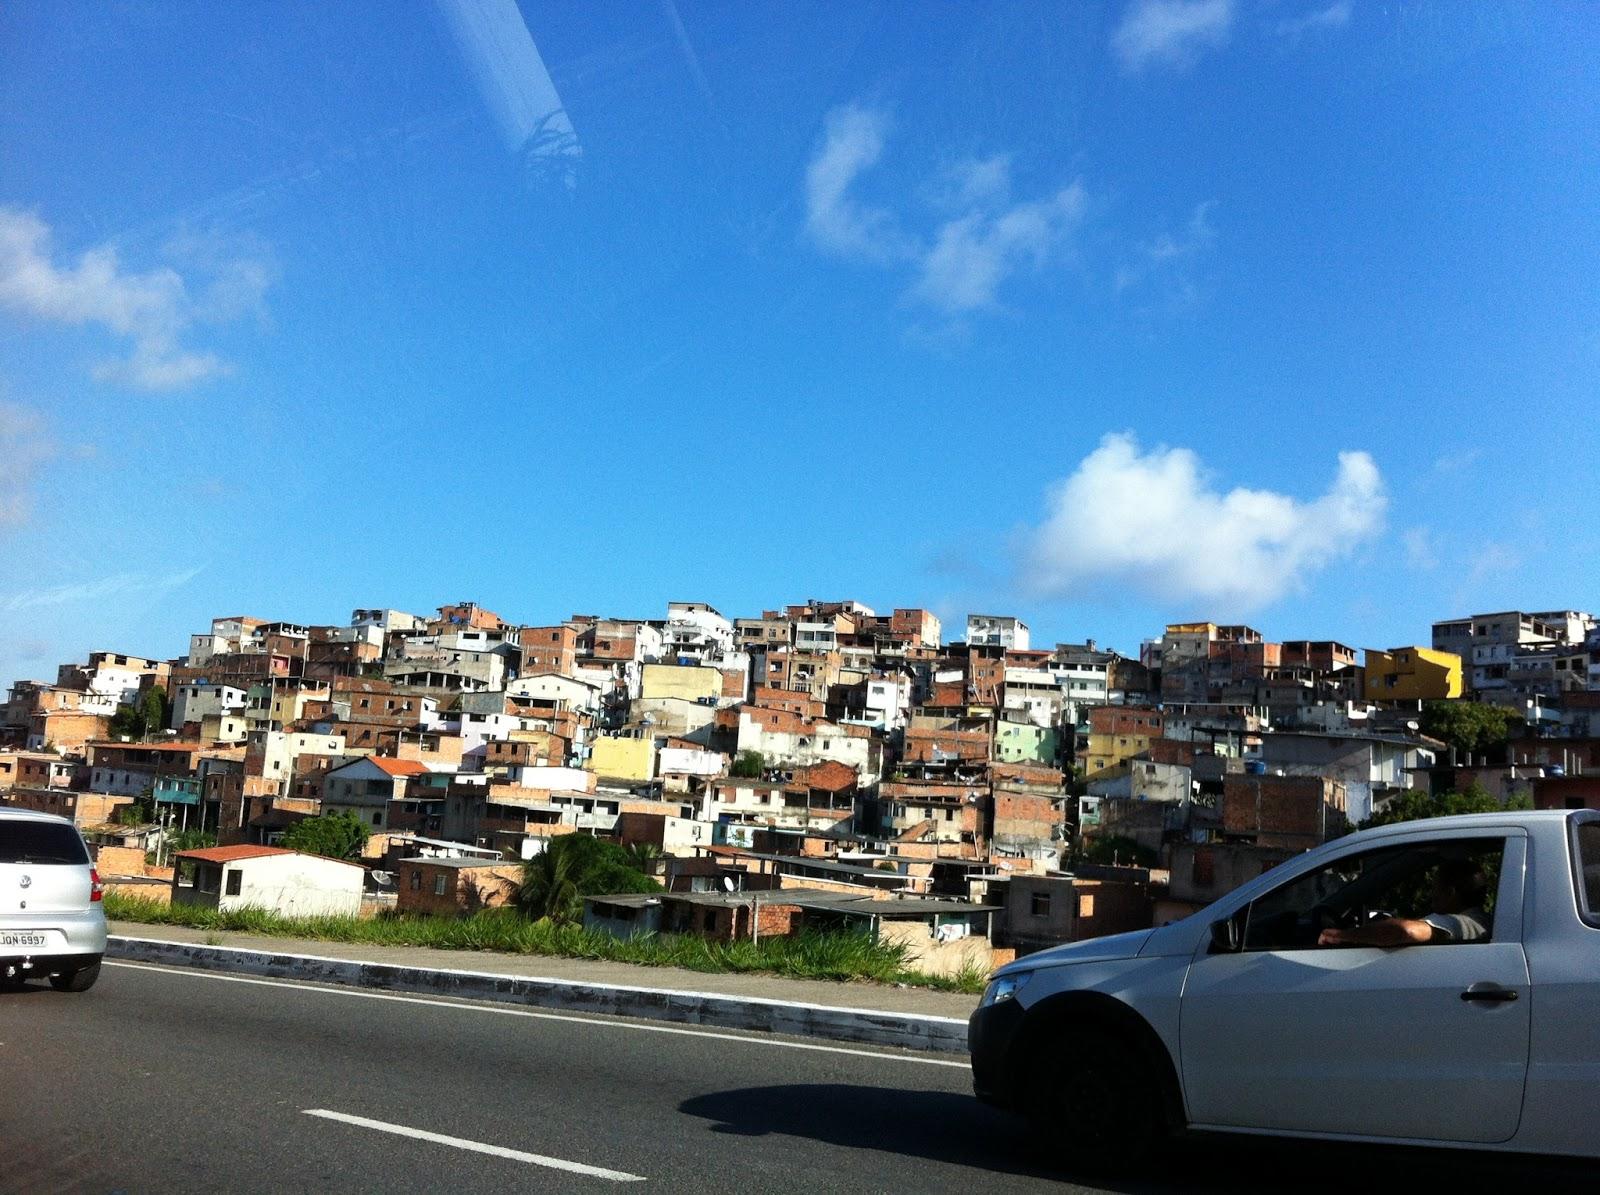 bairro de Salvador